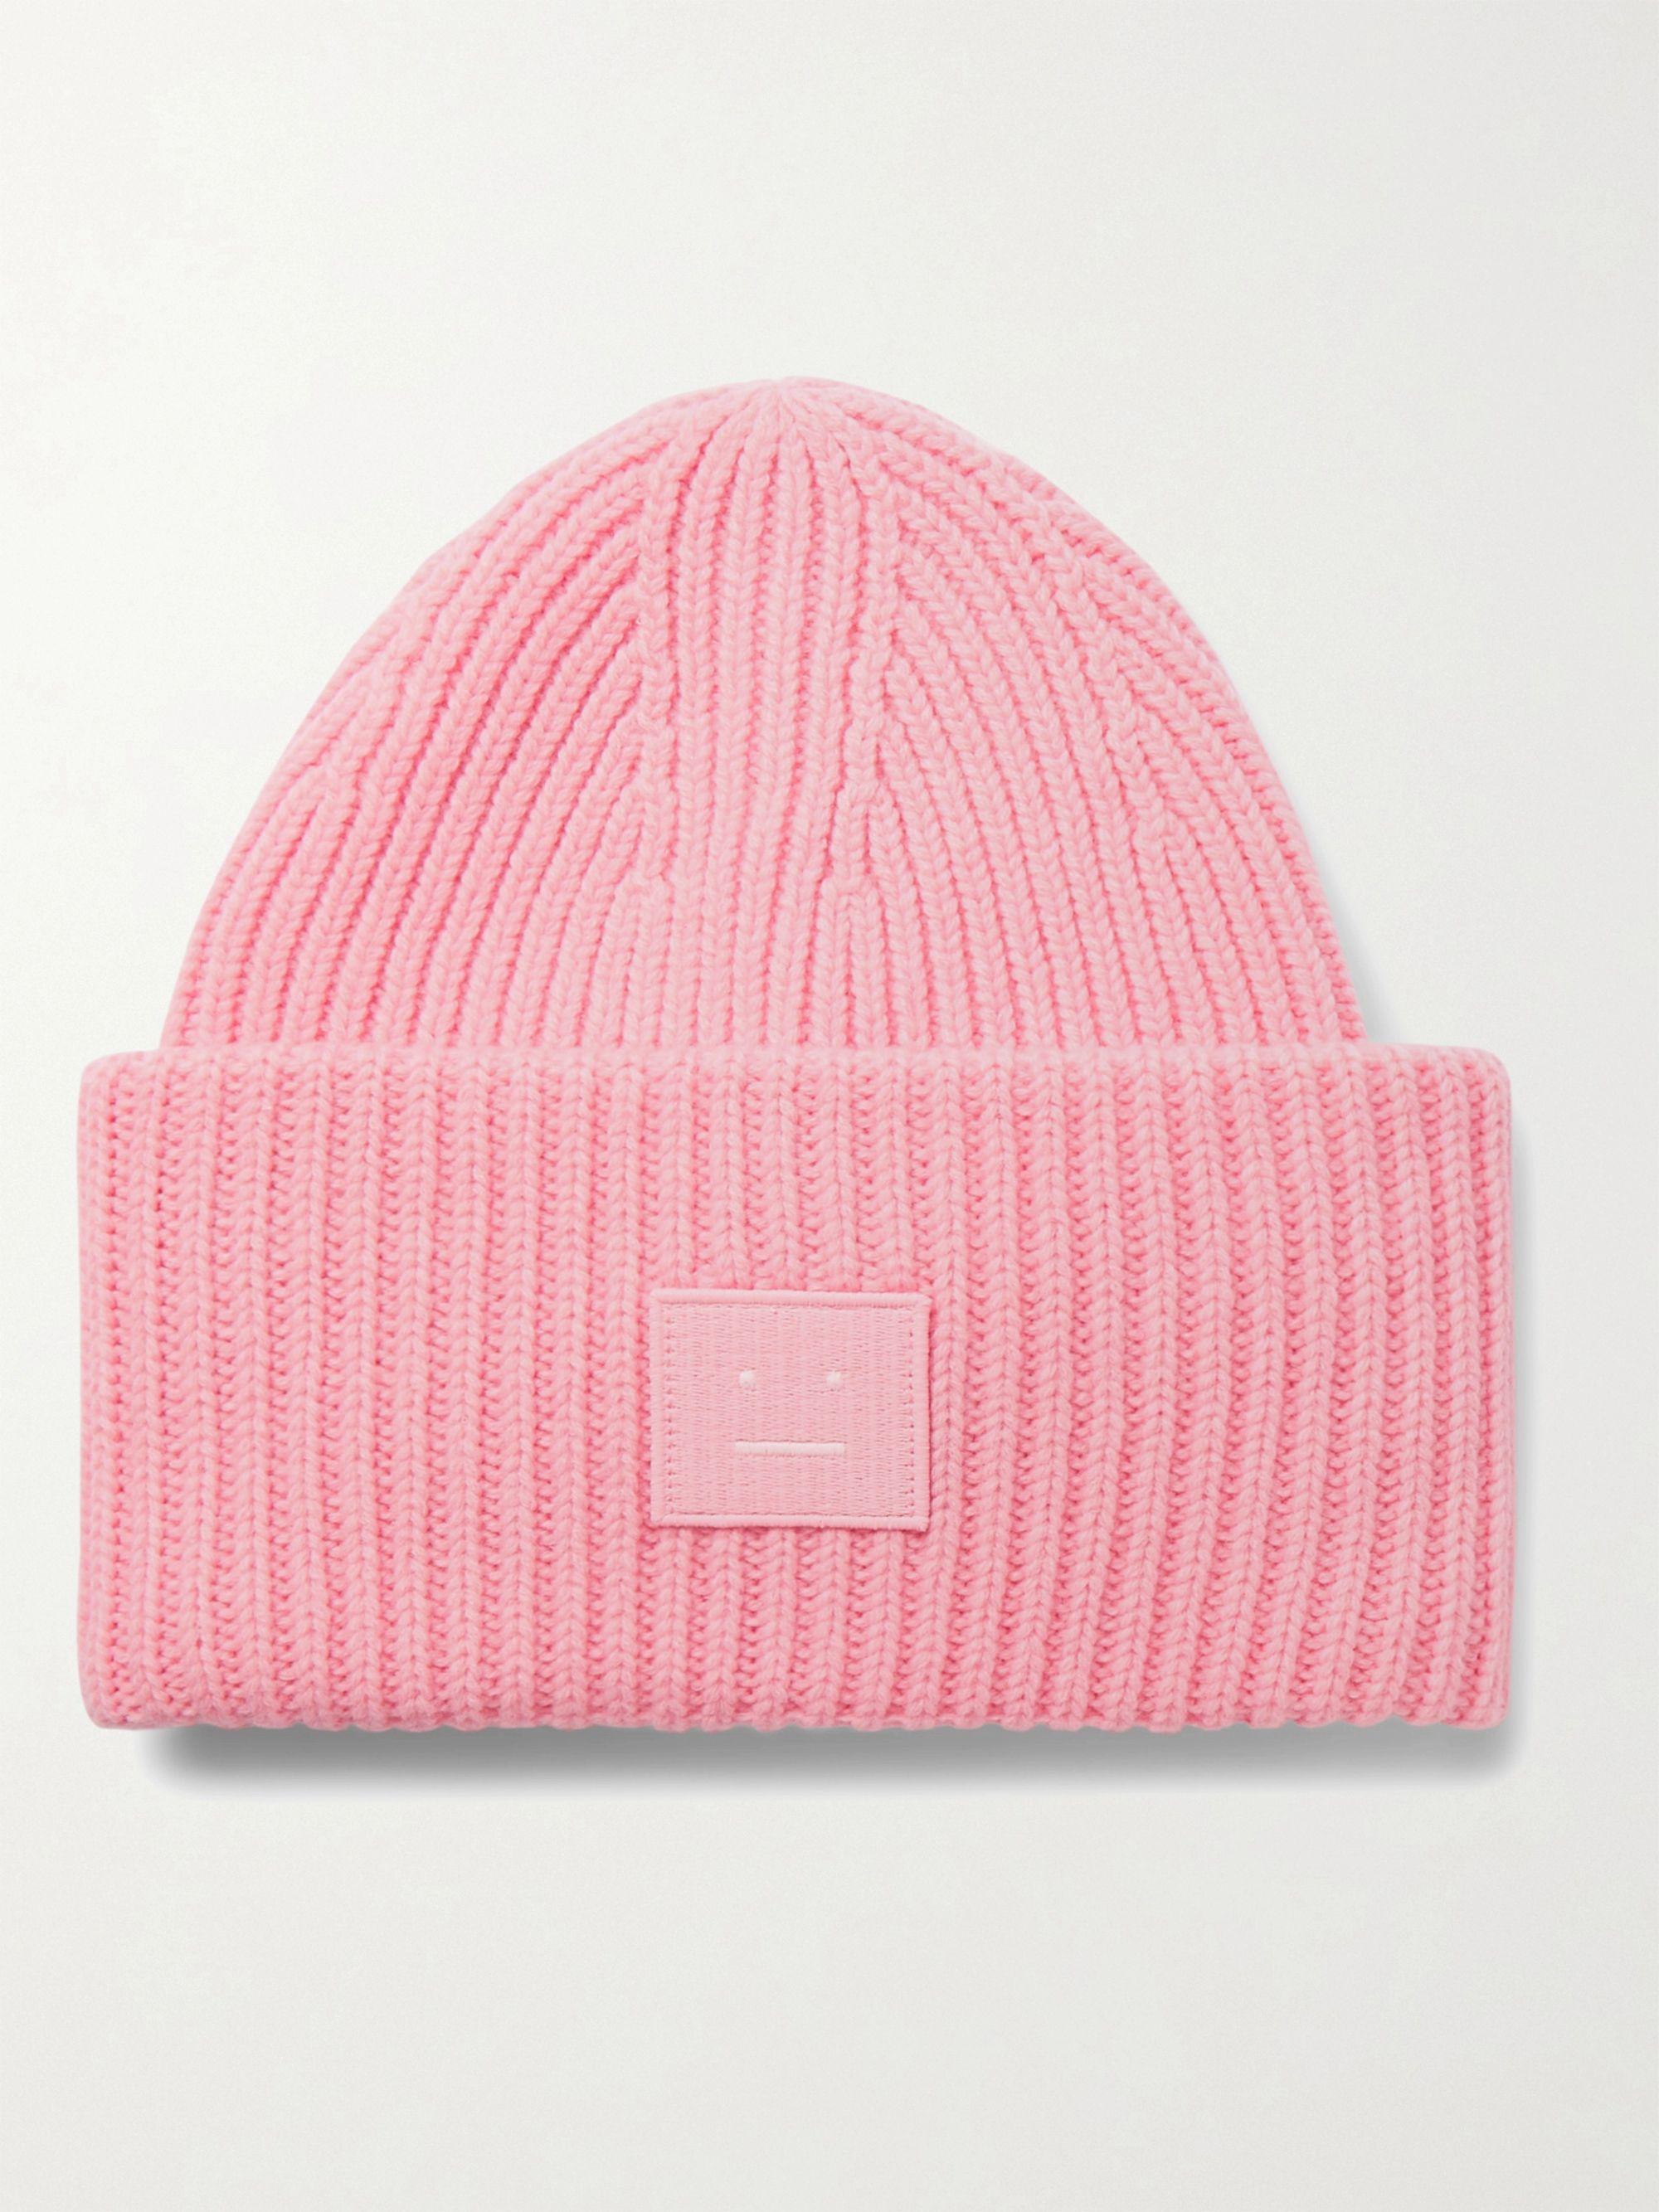 아크네 스튜디오 로고 울 비니 Acne Studios Logo-Appliqued Ribbed Wool Beanie,Pink